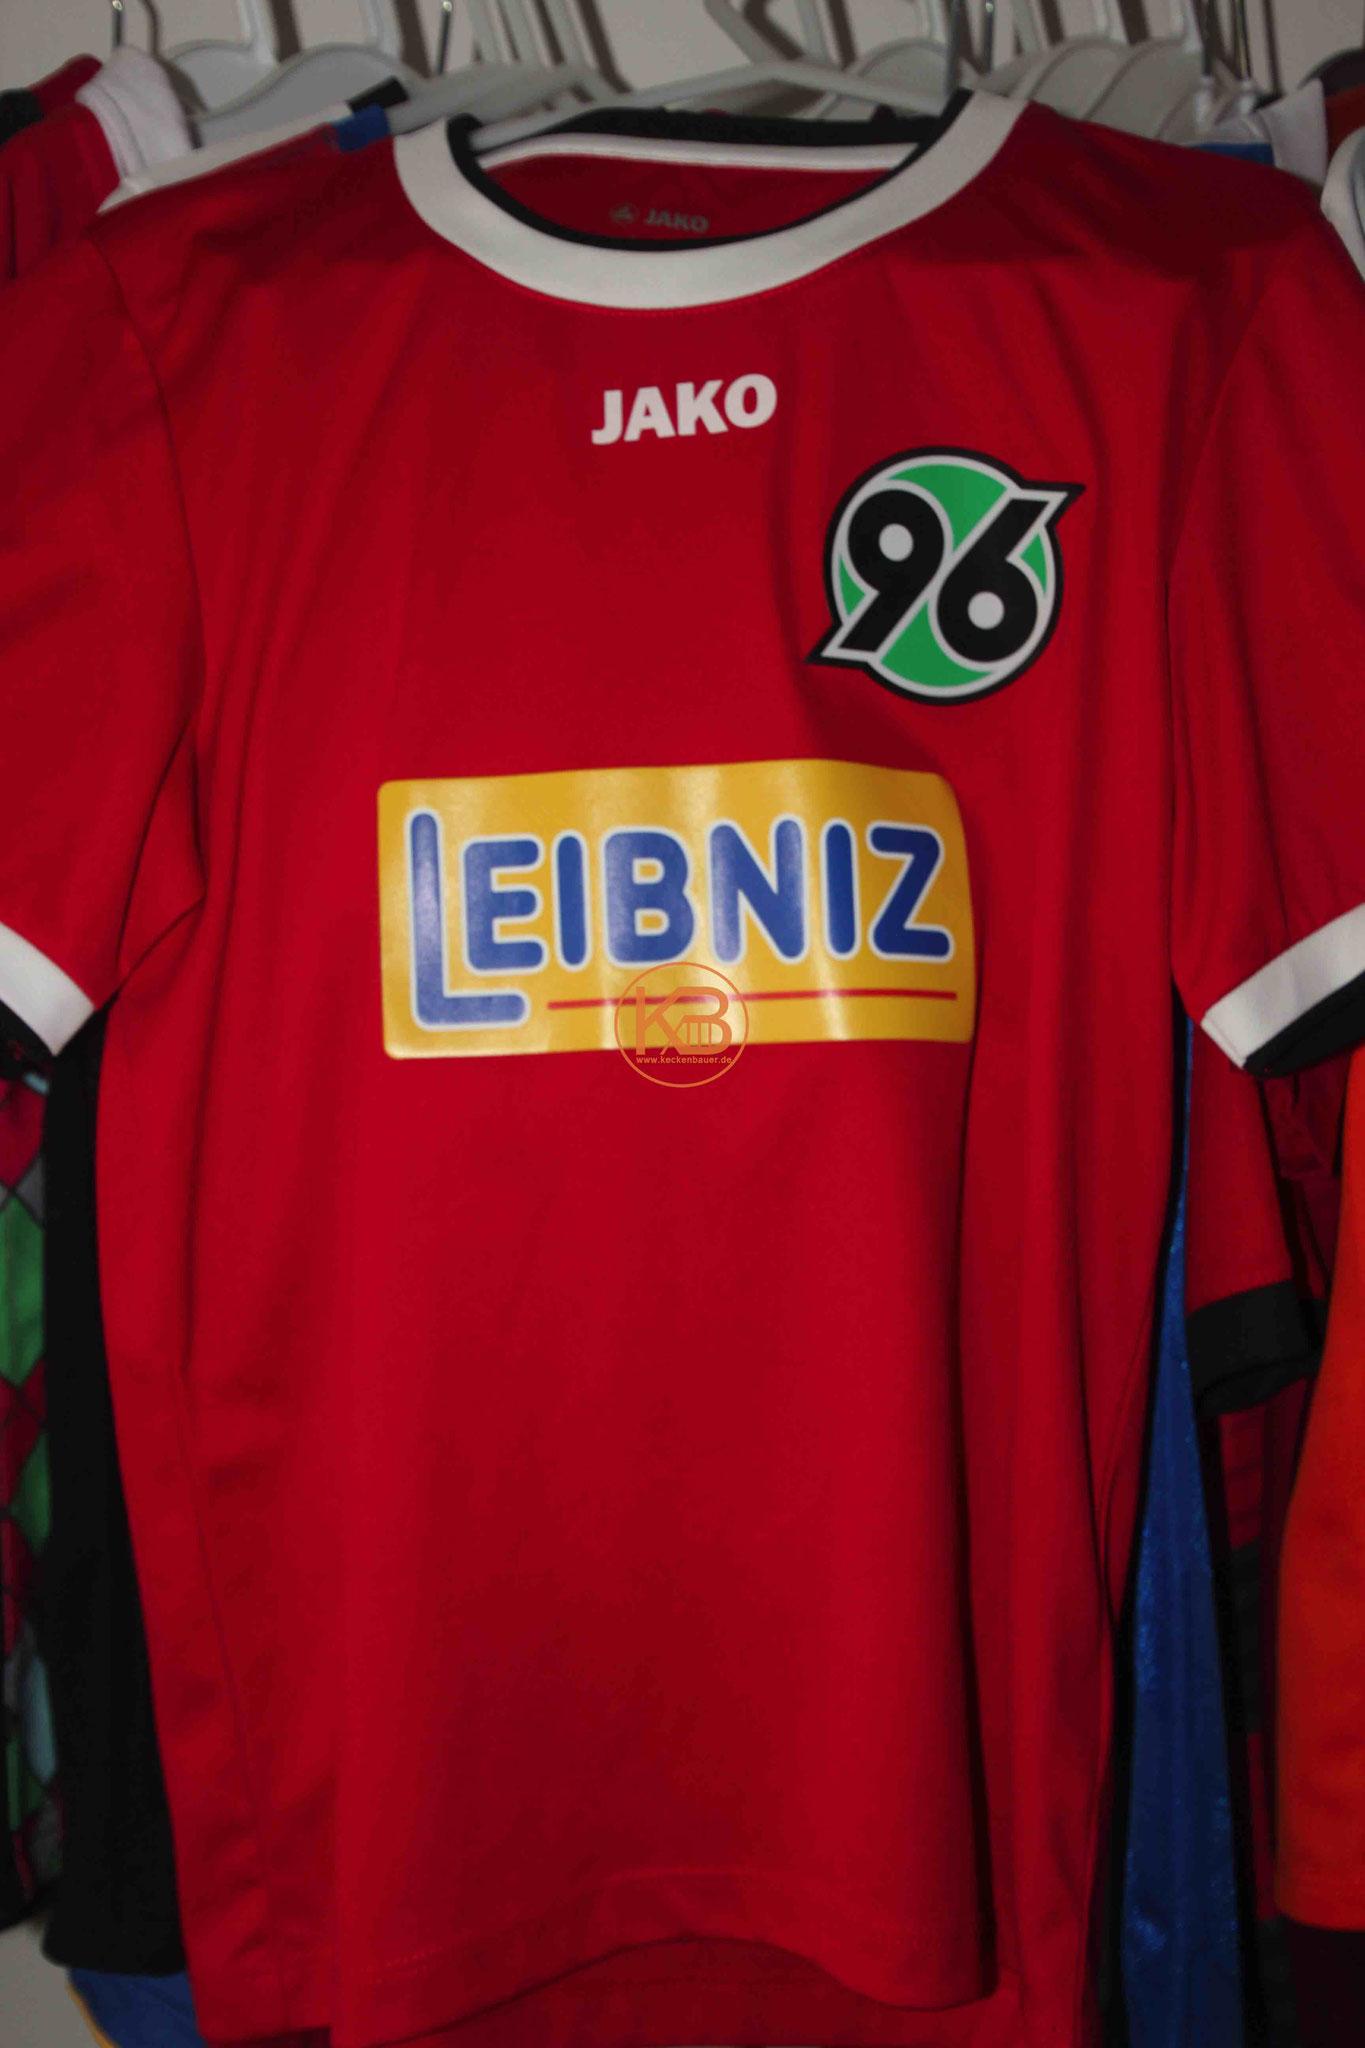 Jako Trikot der Hannover 96 Einlaufkids (leider nicht selbst eingelaufen)